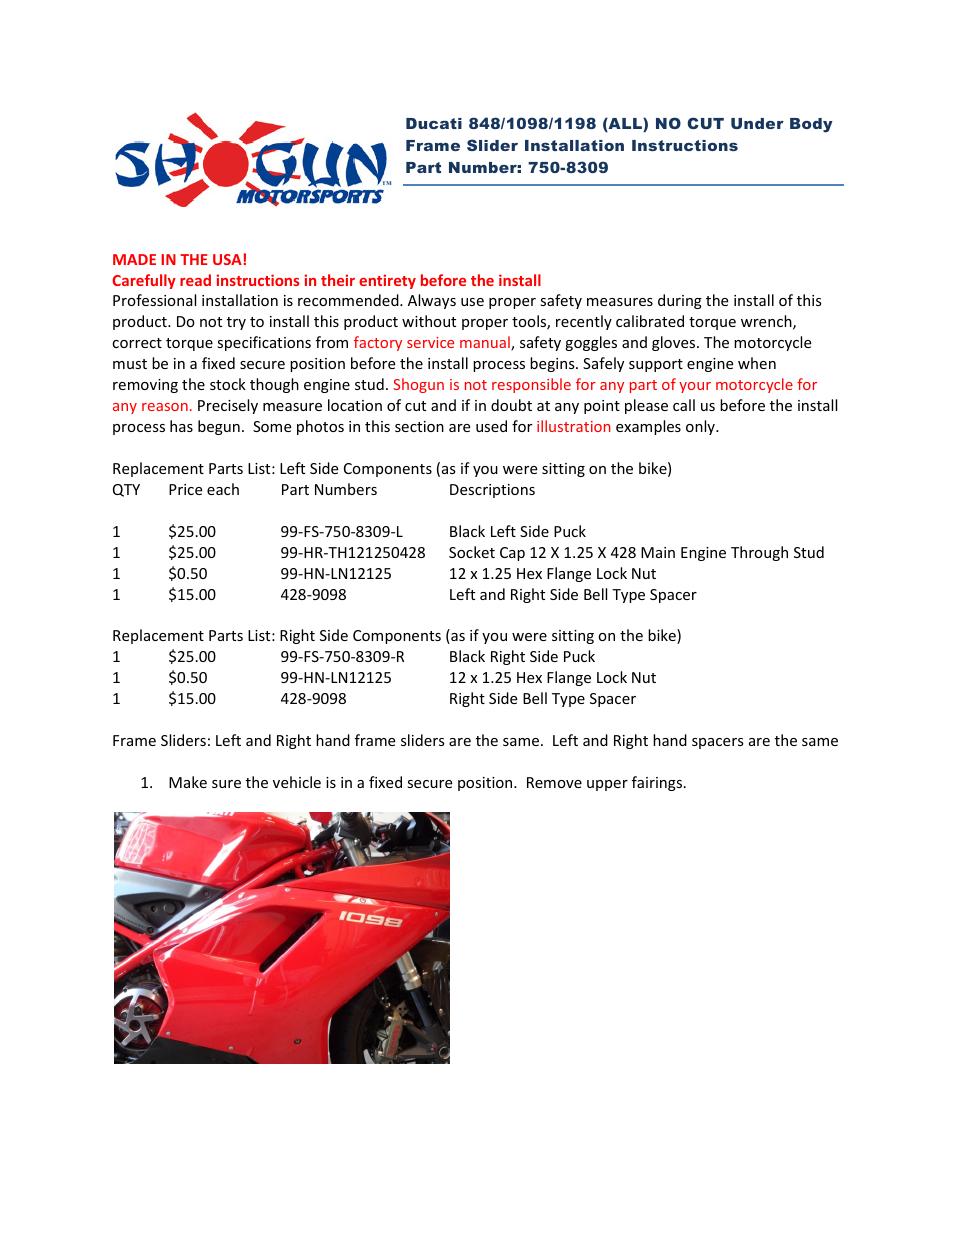 shogun motorsports ducati super bike 848  1098  1198  all  no cut under body frame slider user ducati 1198 service manual pdf ducati 1198 workshop manual